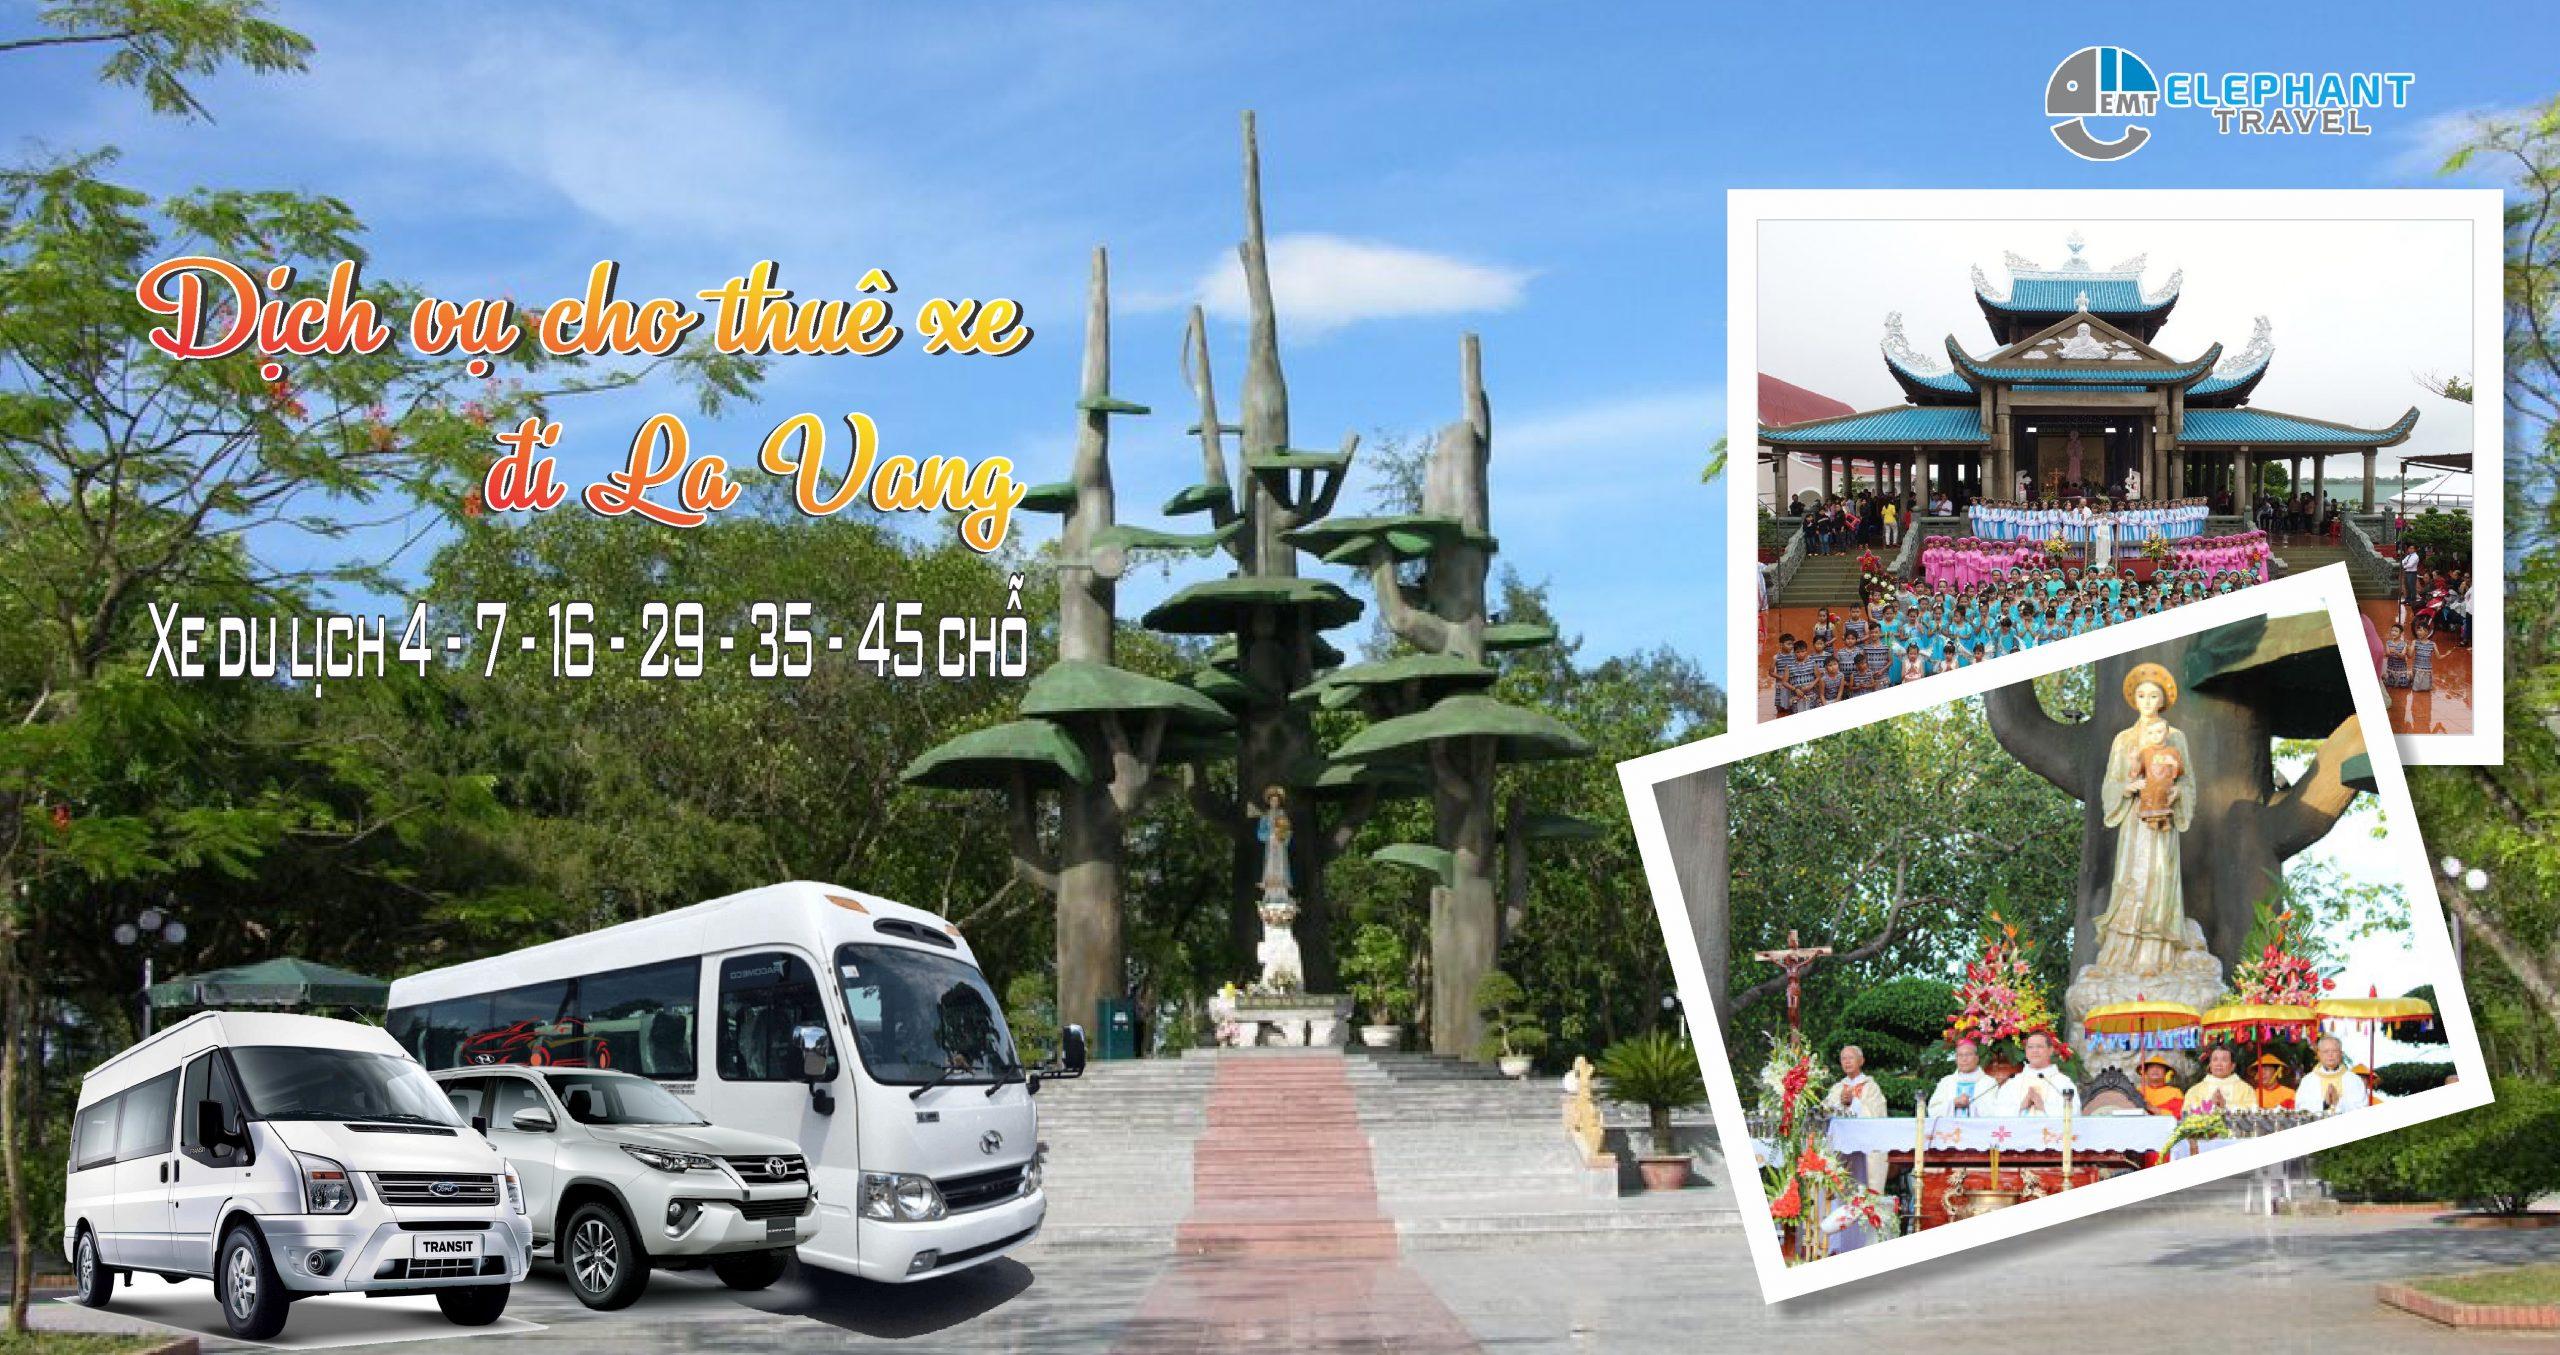 Bảng giá cho thuê xe du lịch hành hương: Huế – La Vang – Huế (2 ngày 1 đêm)